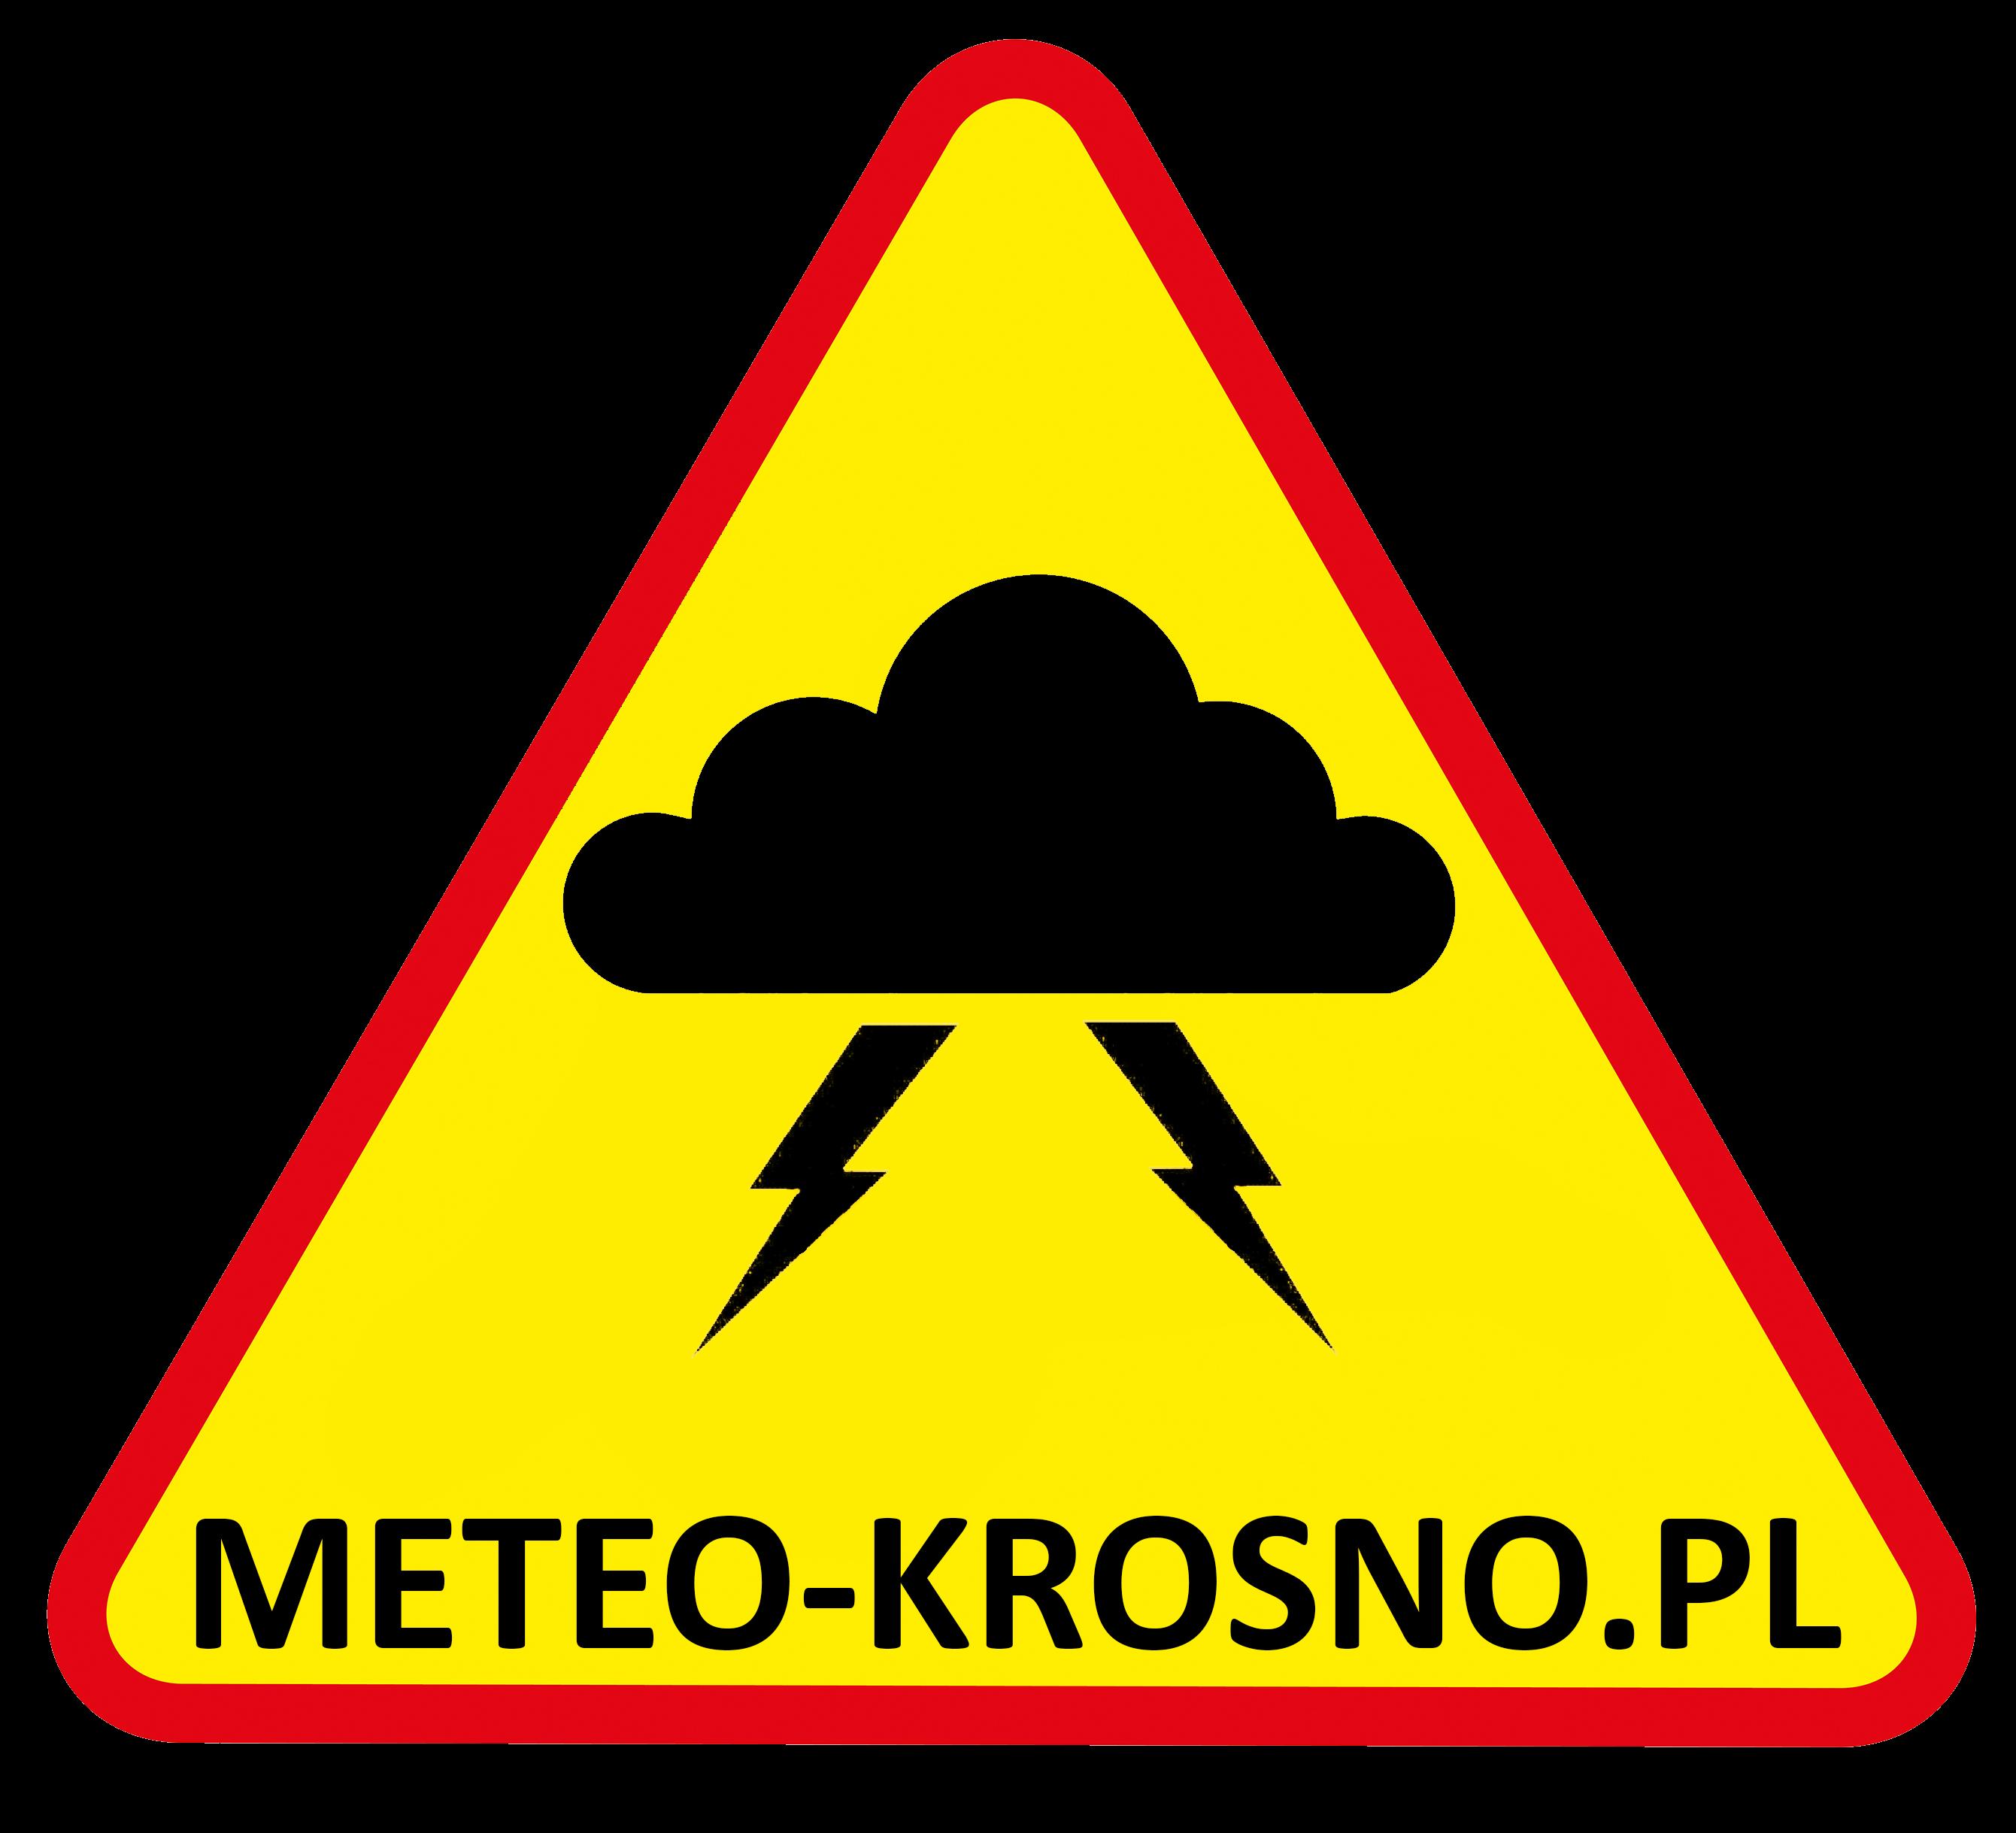 Meteo Krosno